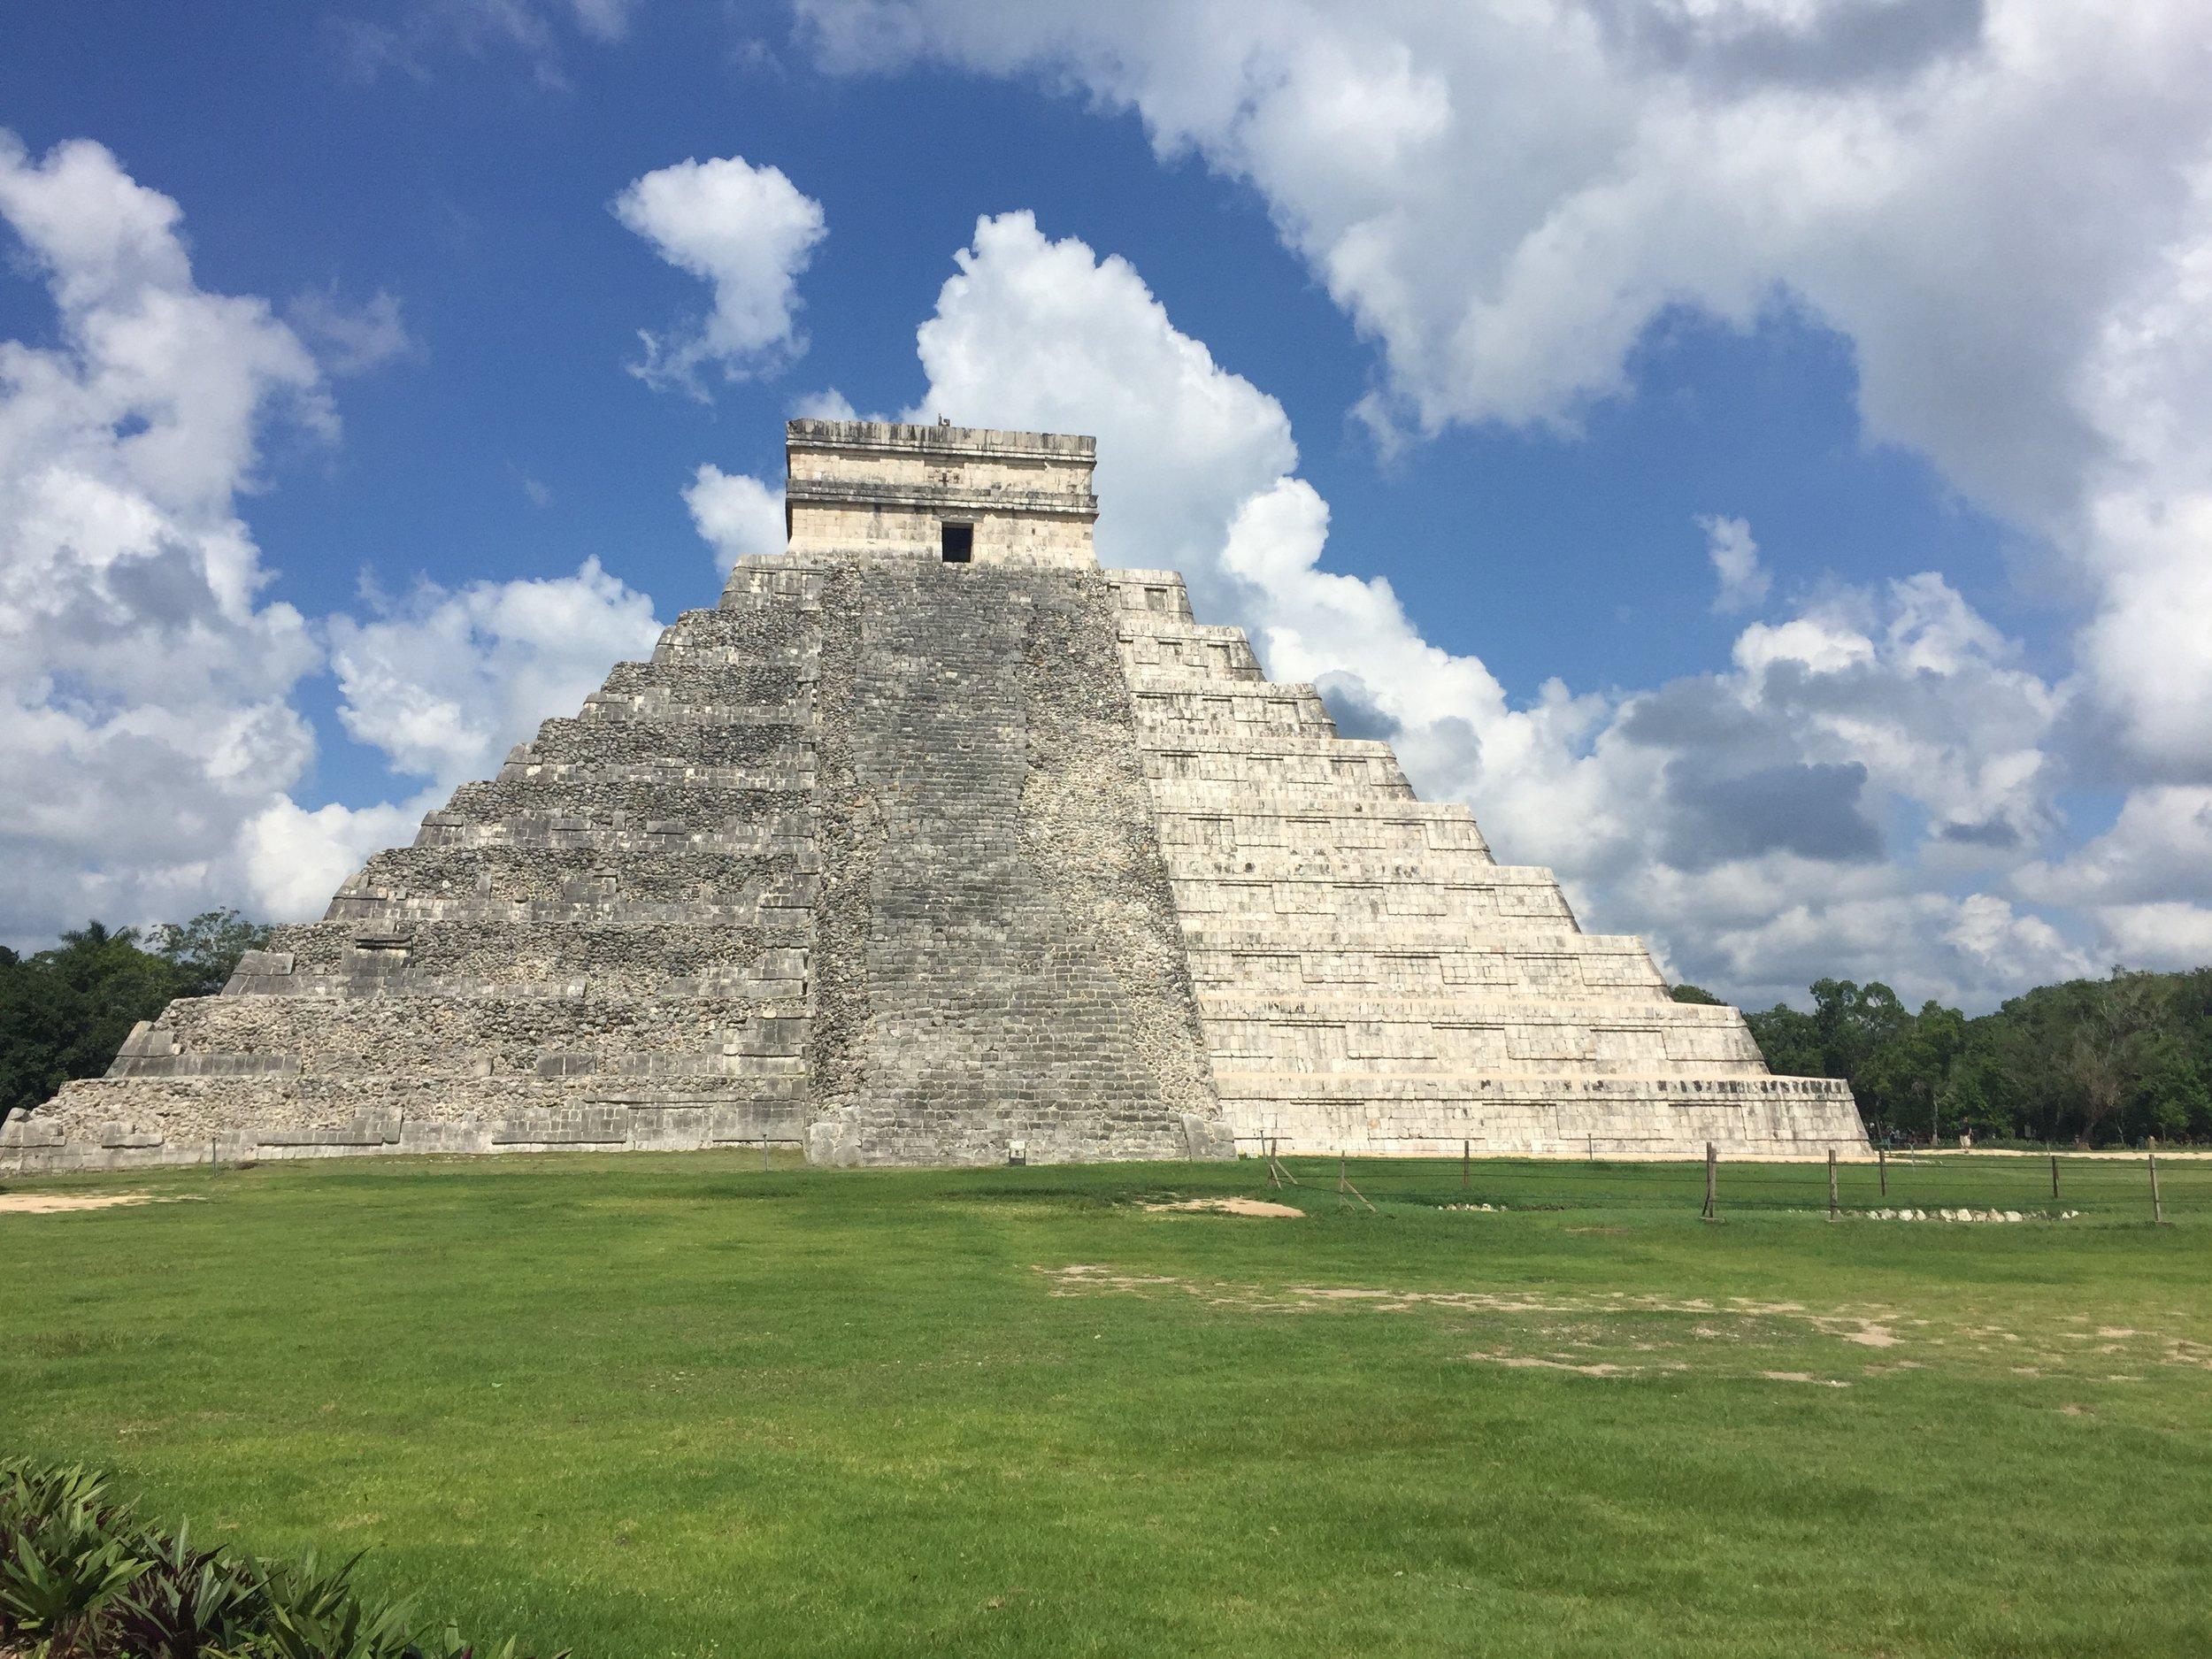 El Castillo Pyramid - Ancient Mayan Civilization